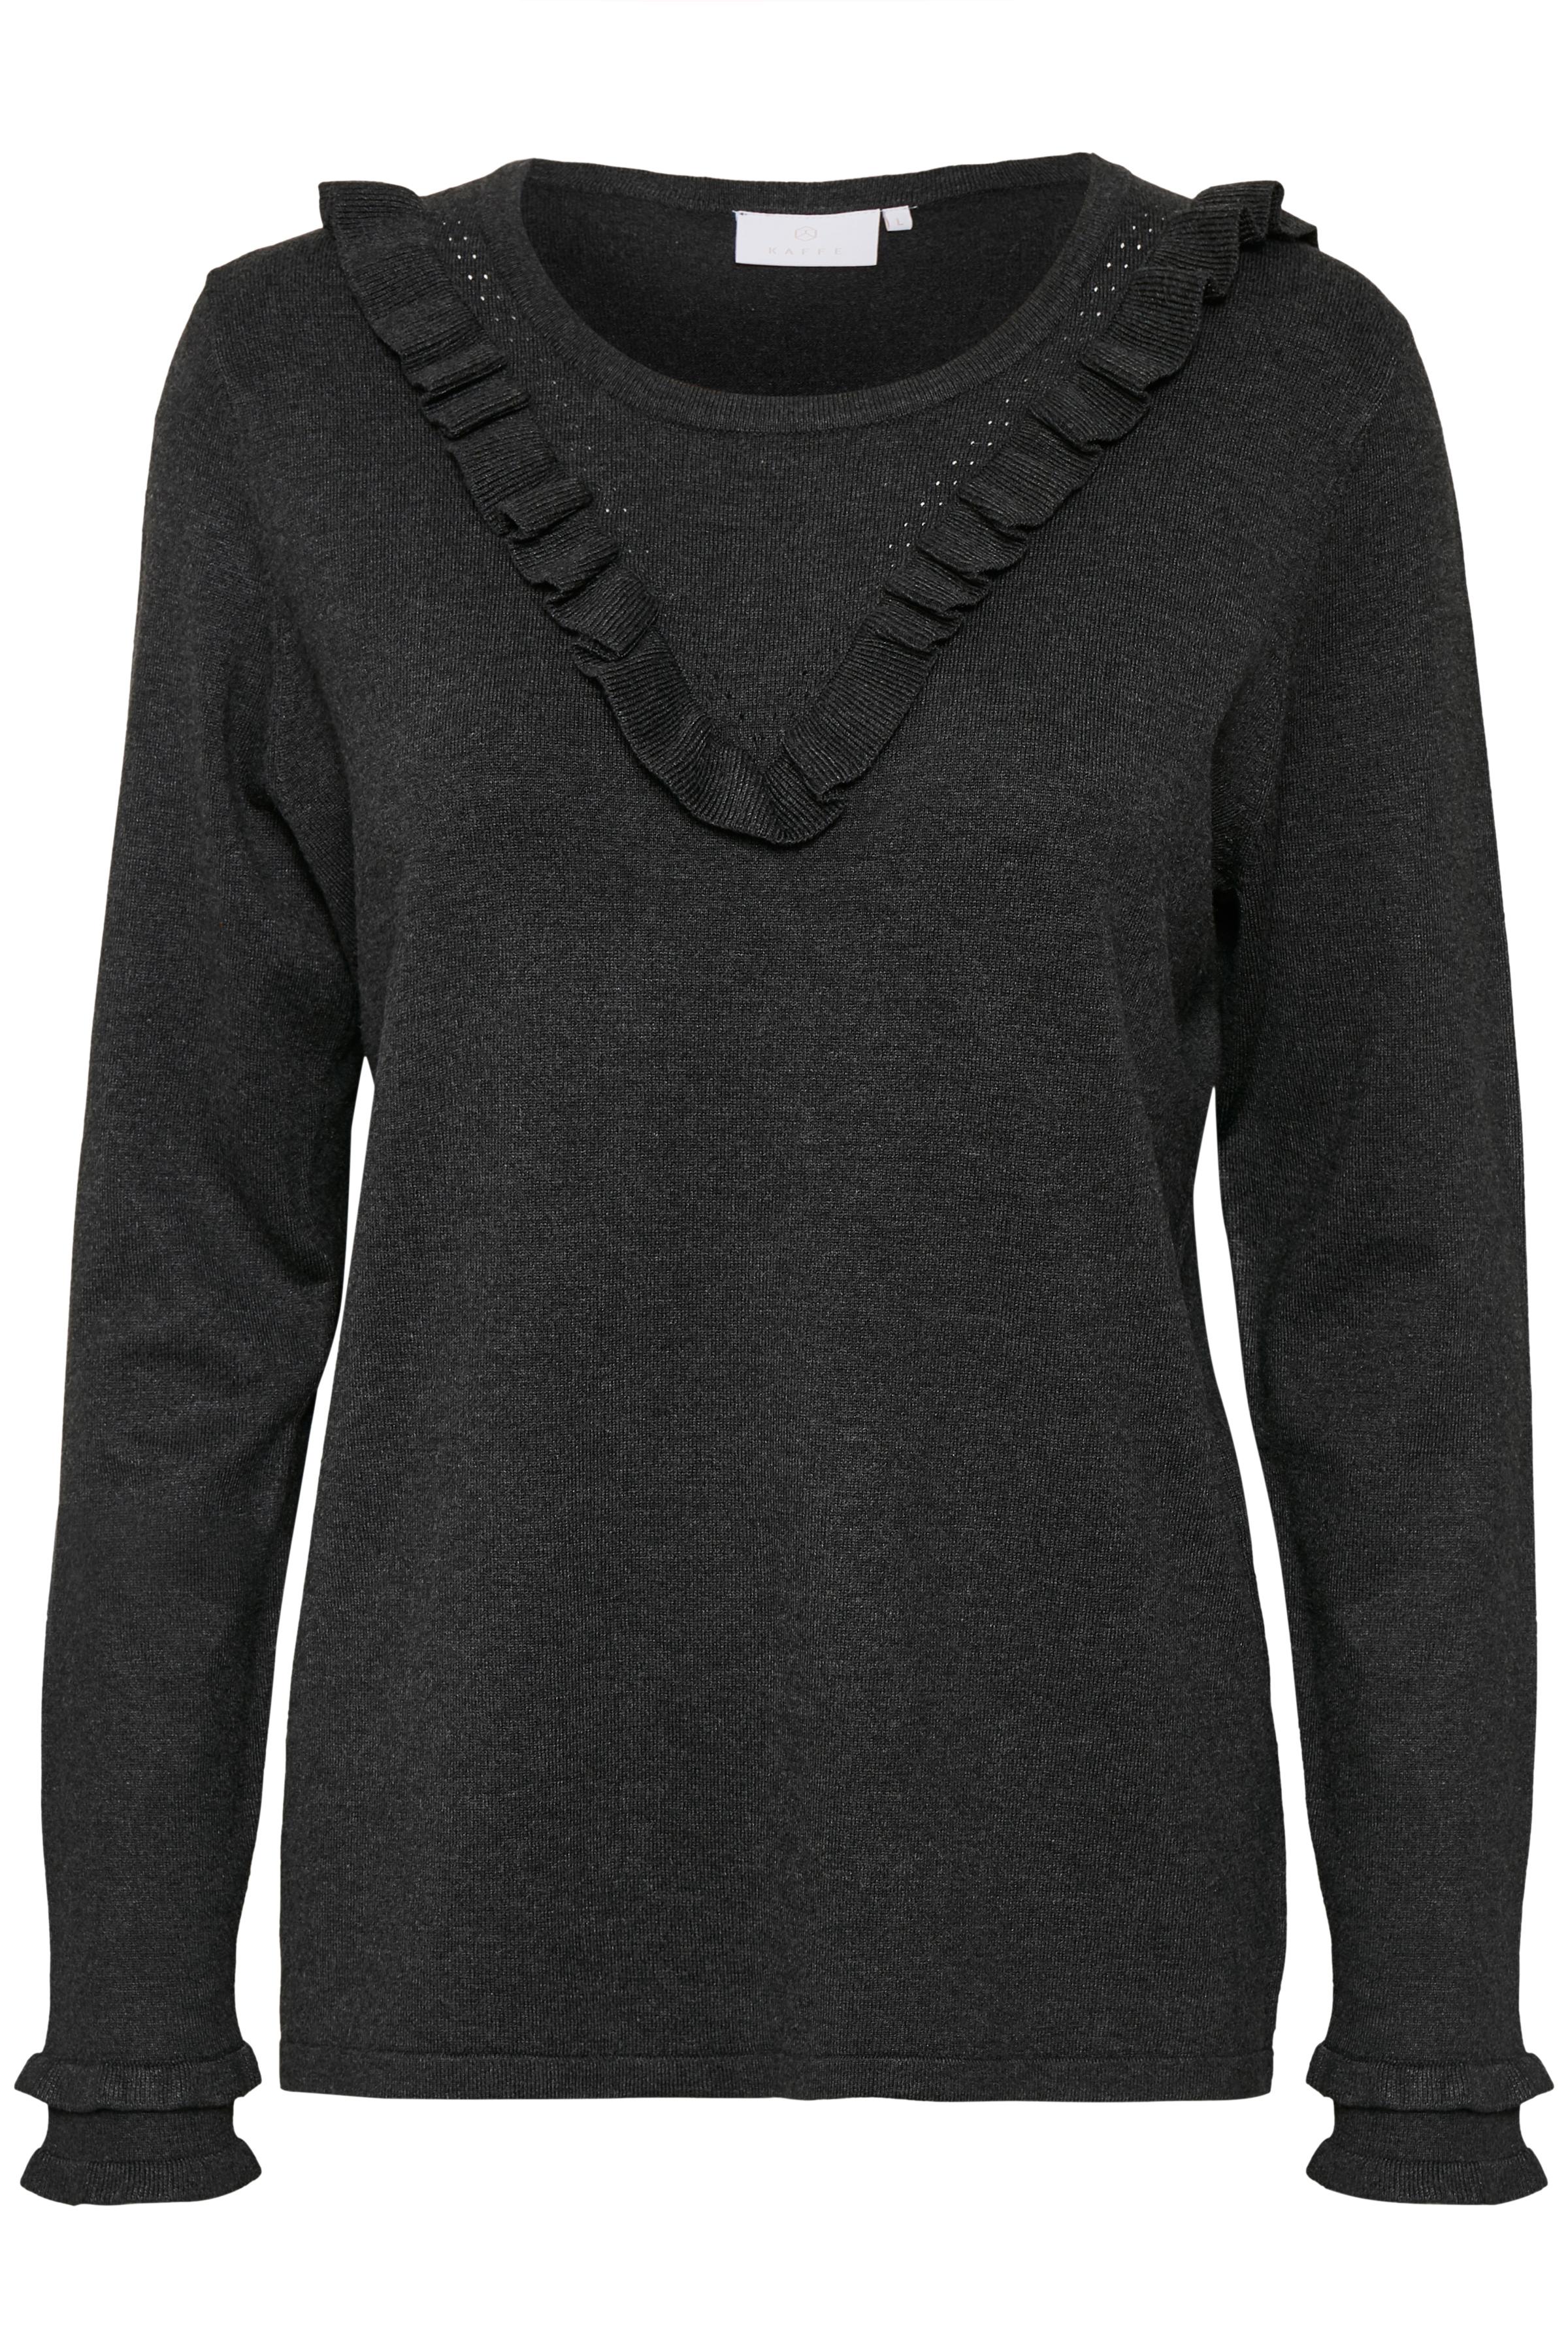 Donker grijsgemêleerd Gebreide pullover van Kaffe – Door Donker grijsgemêleerd Gebreide pullover van maat. XS-XXL hier